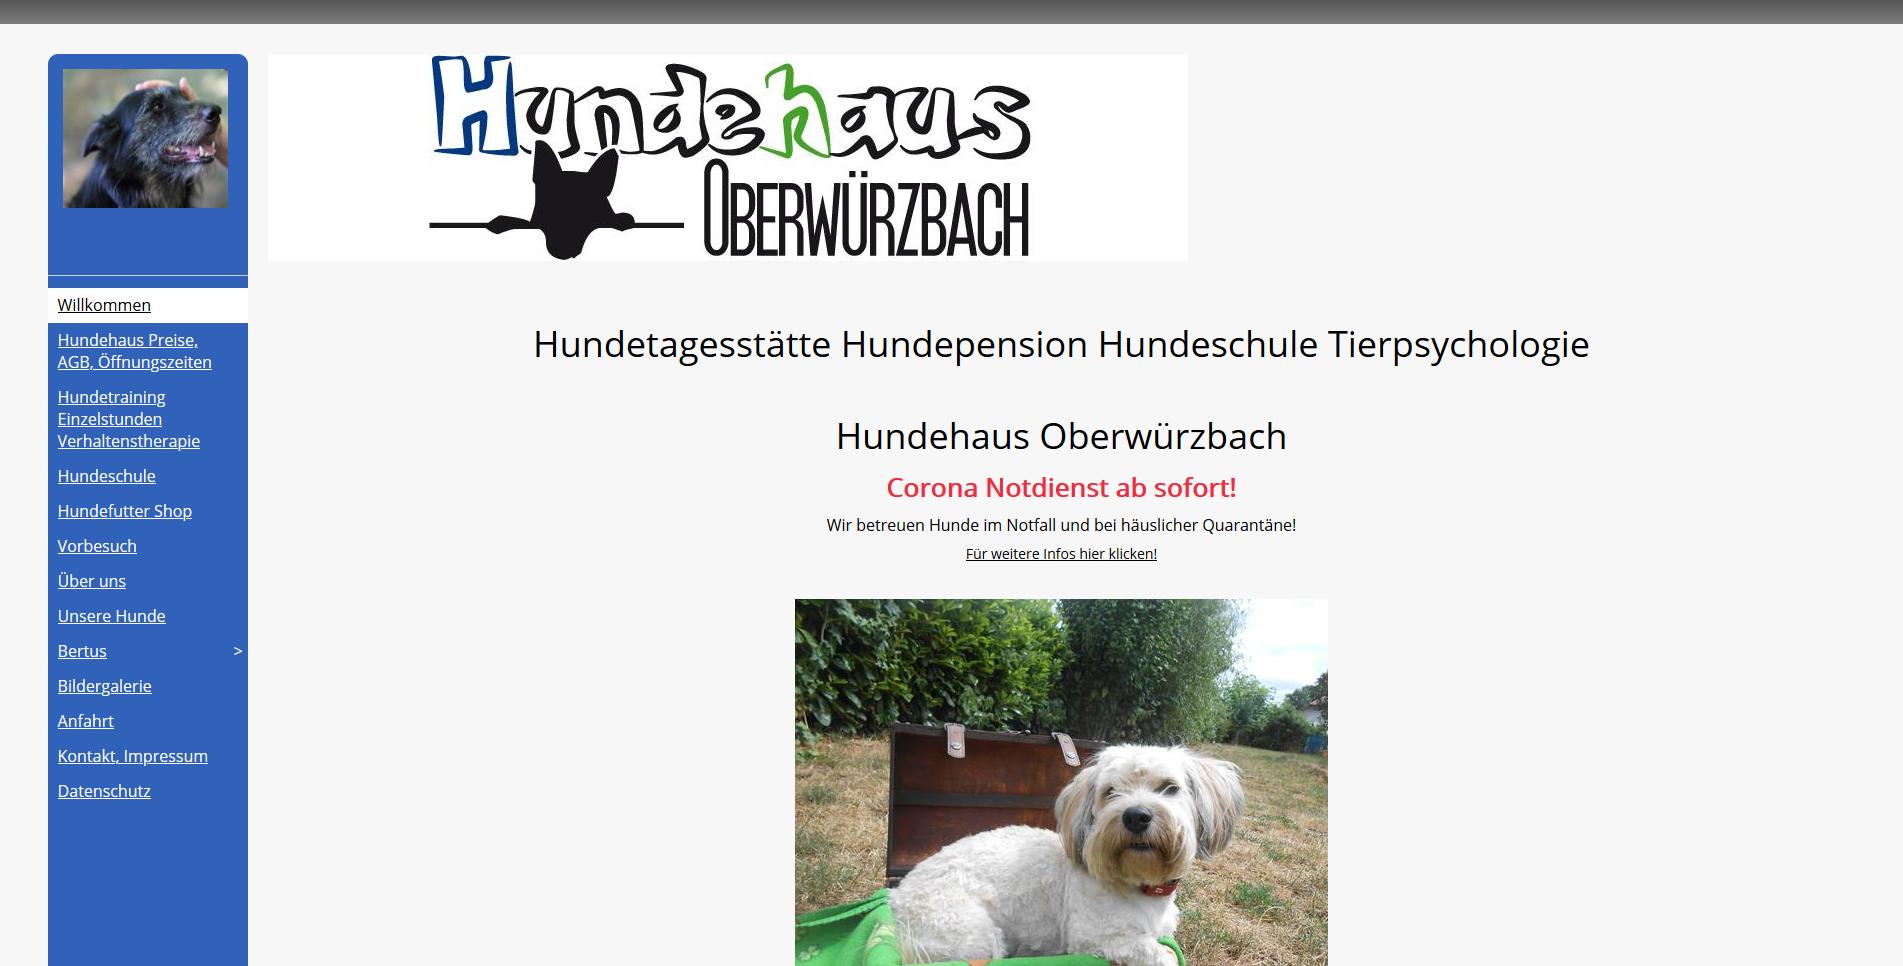 Hundehaus Oberwürzbach